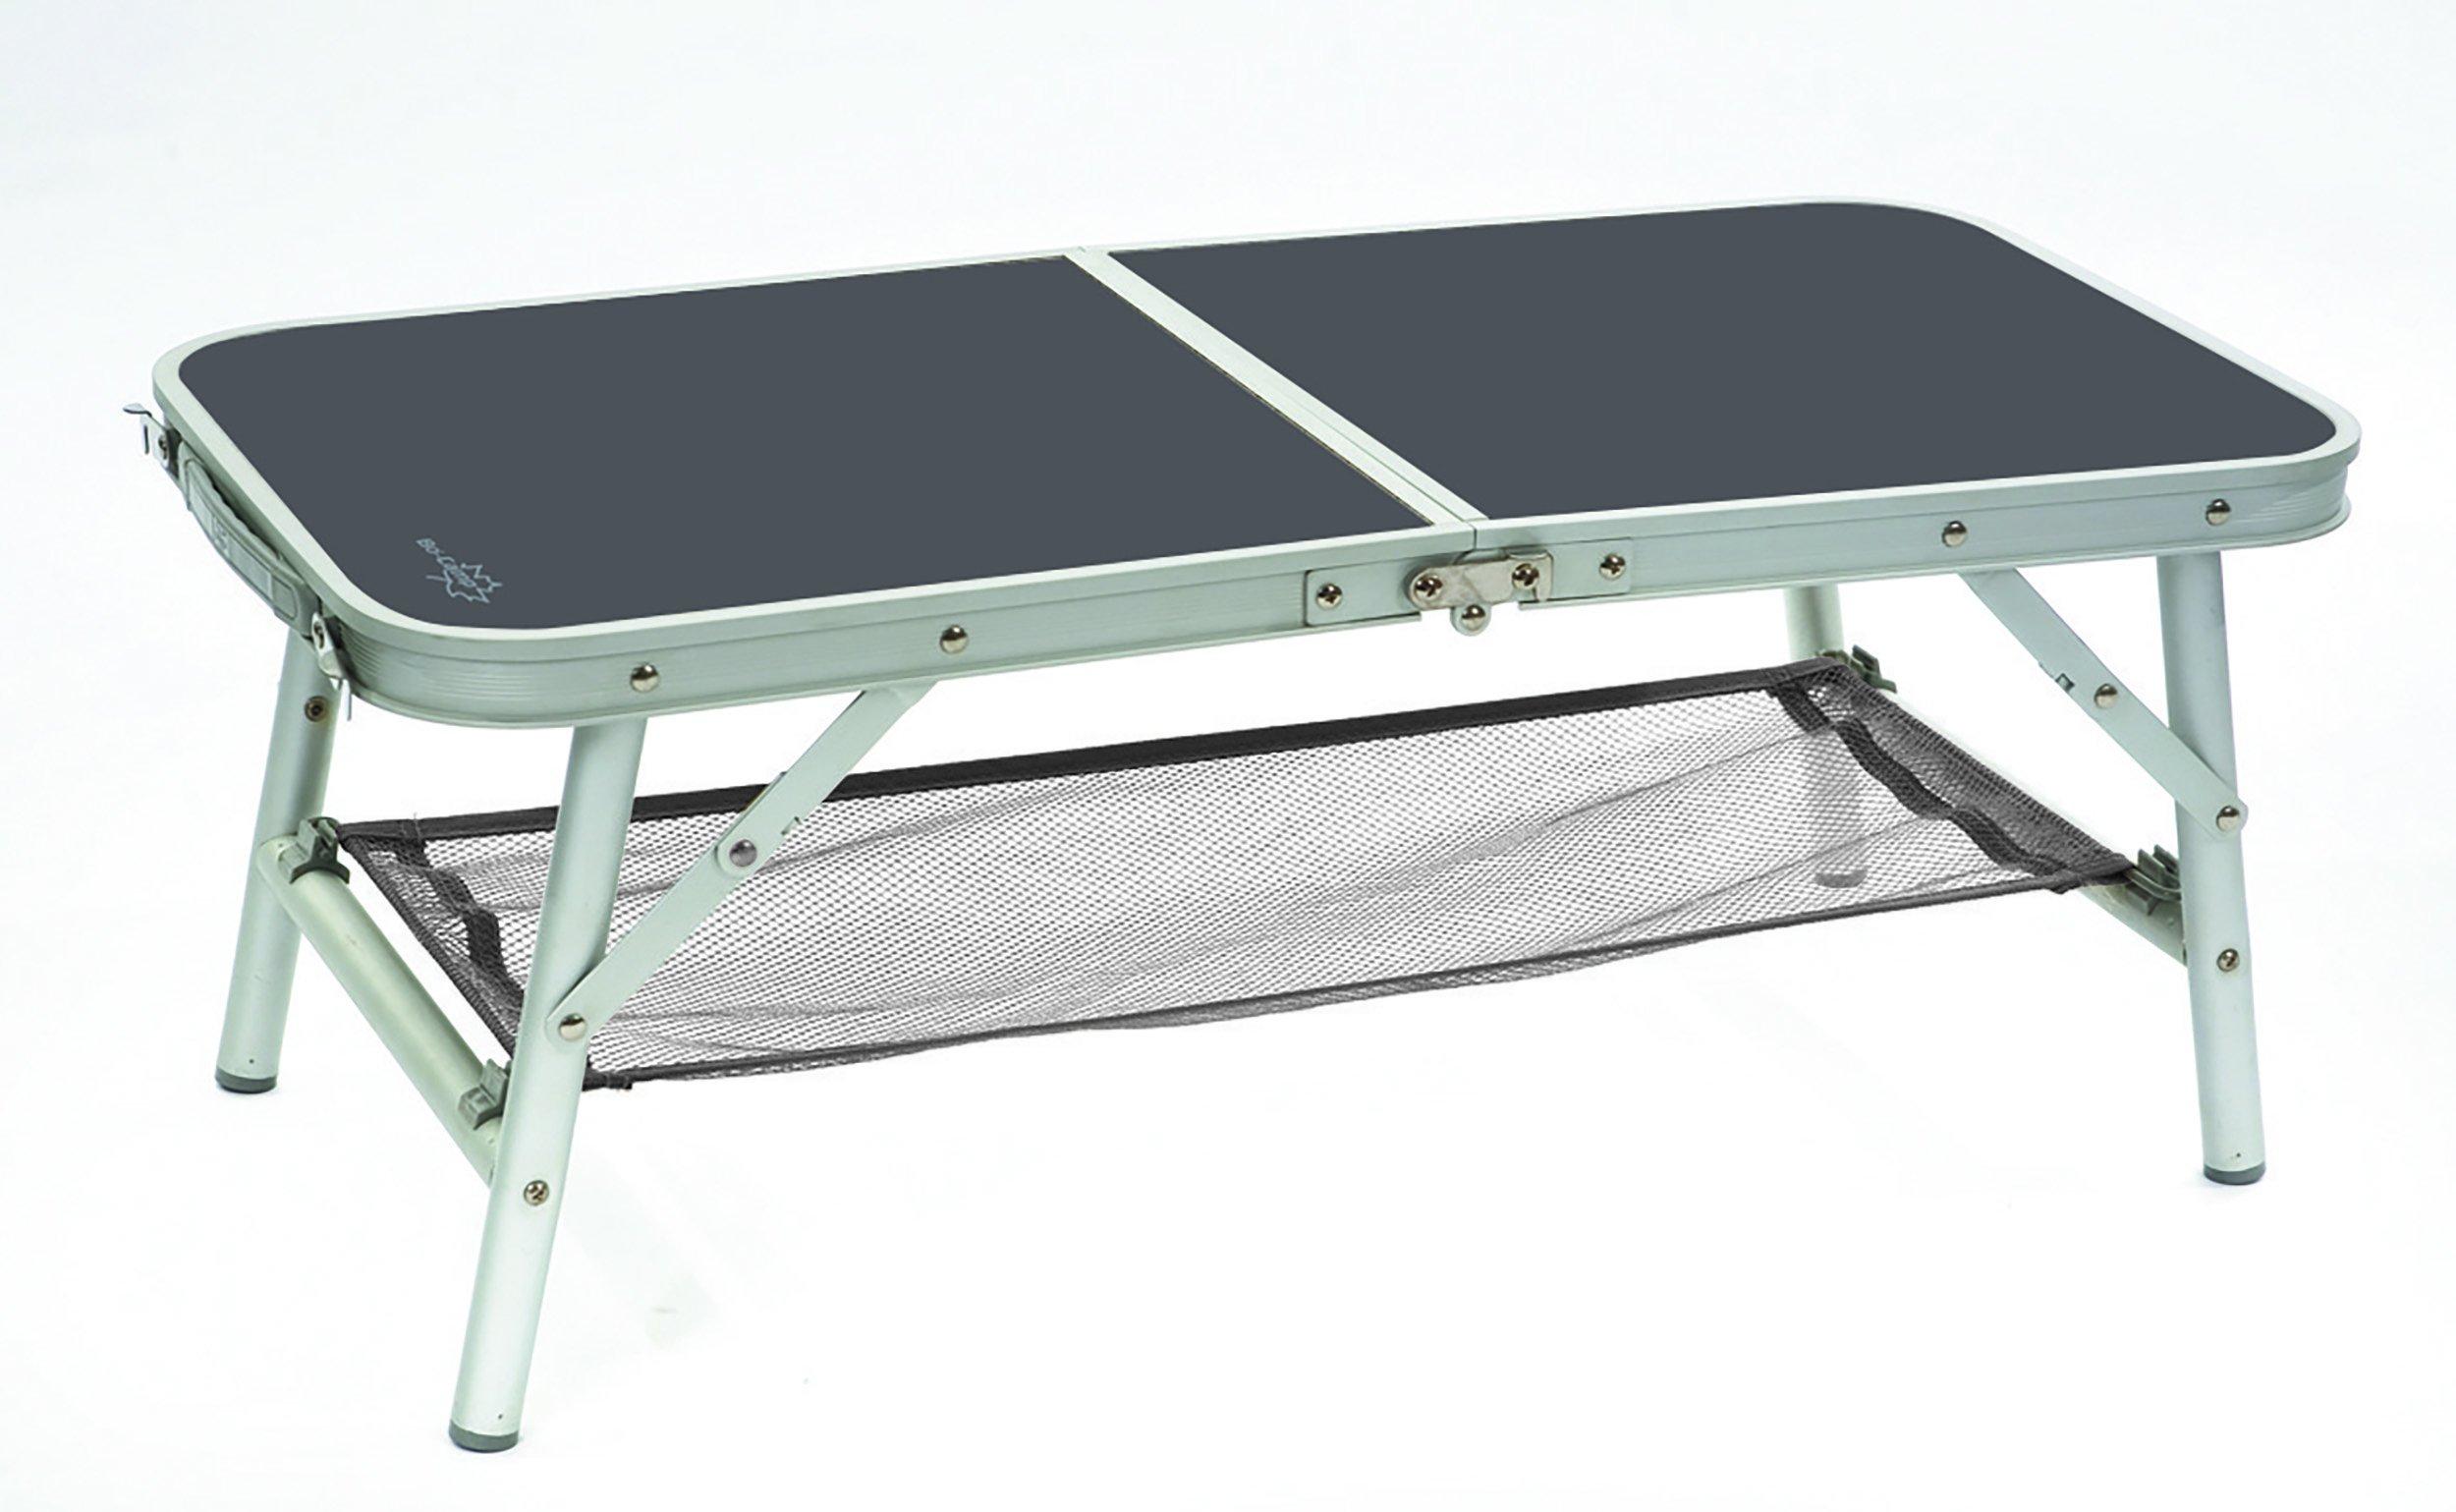 Bo camp campingtisch klapptisch koffertisch mit 4 höhen alu 80x40